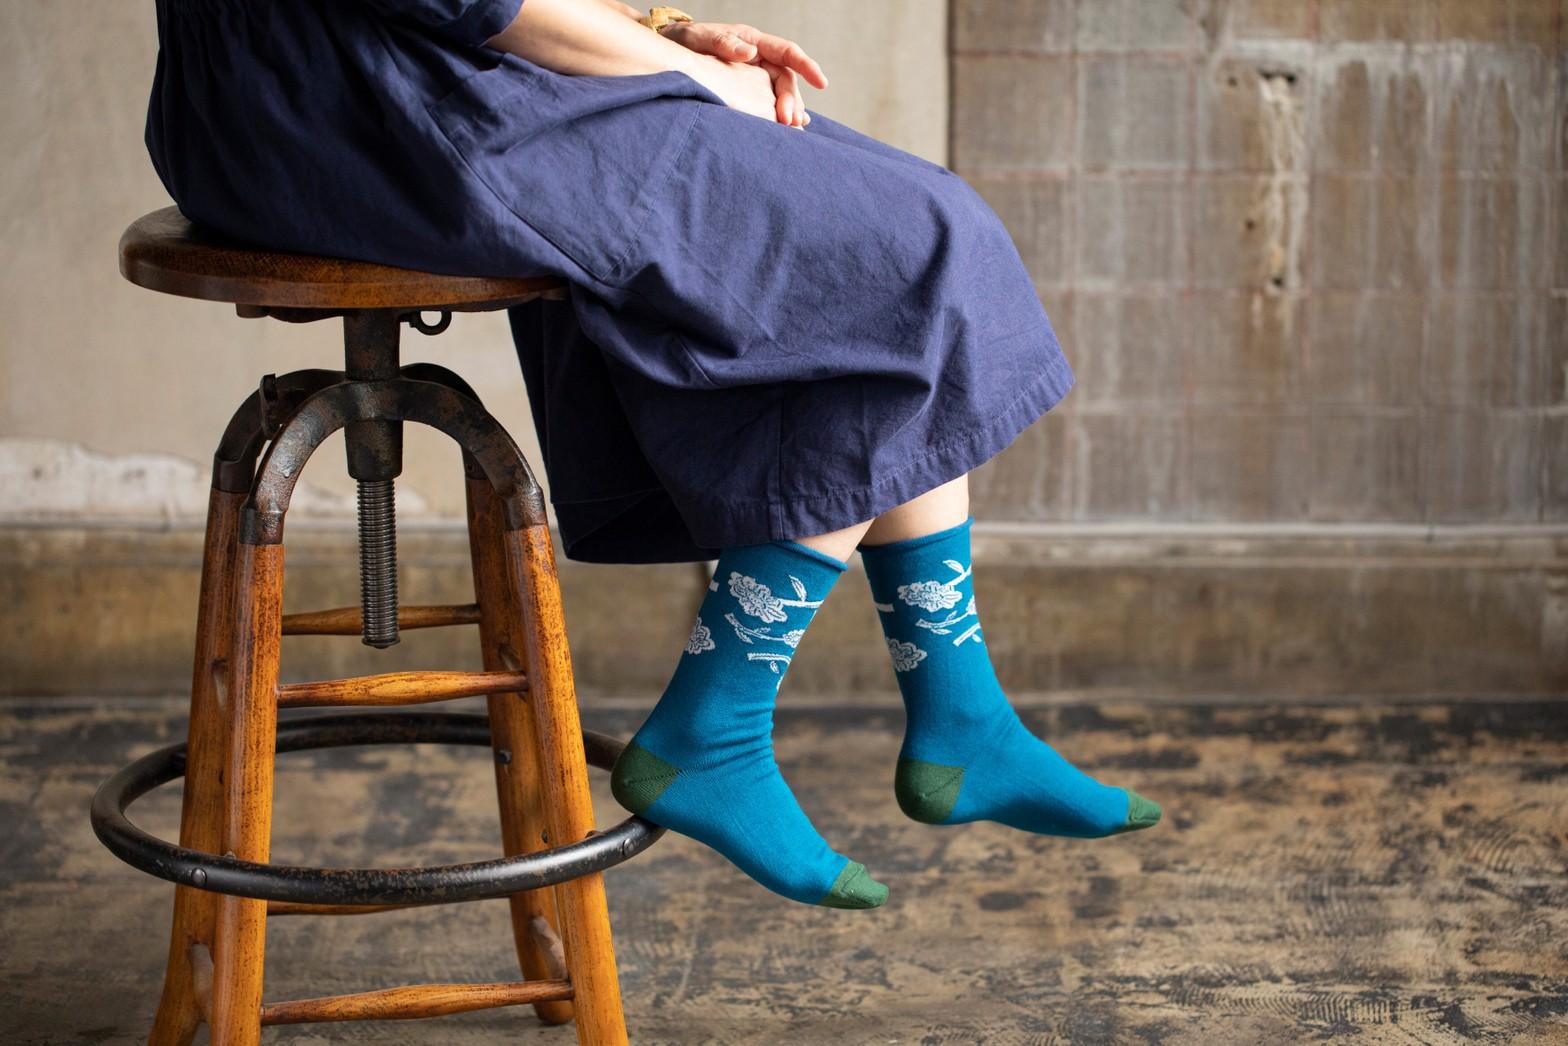 靴下のhacu × ムラタトモコ コラボレーション靴下先行販売